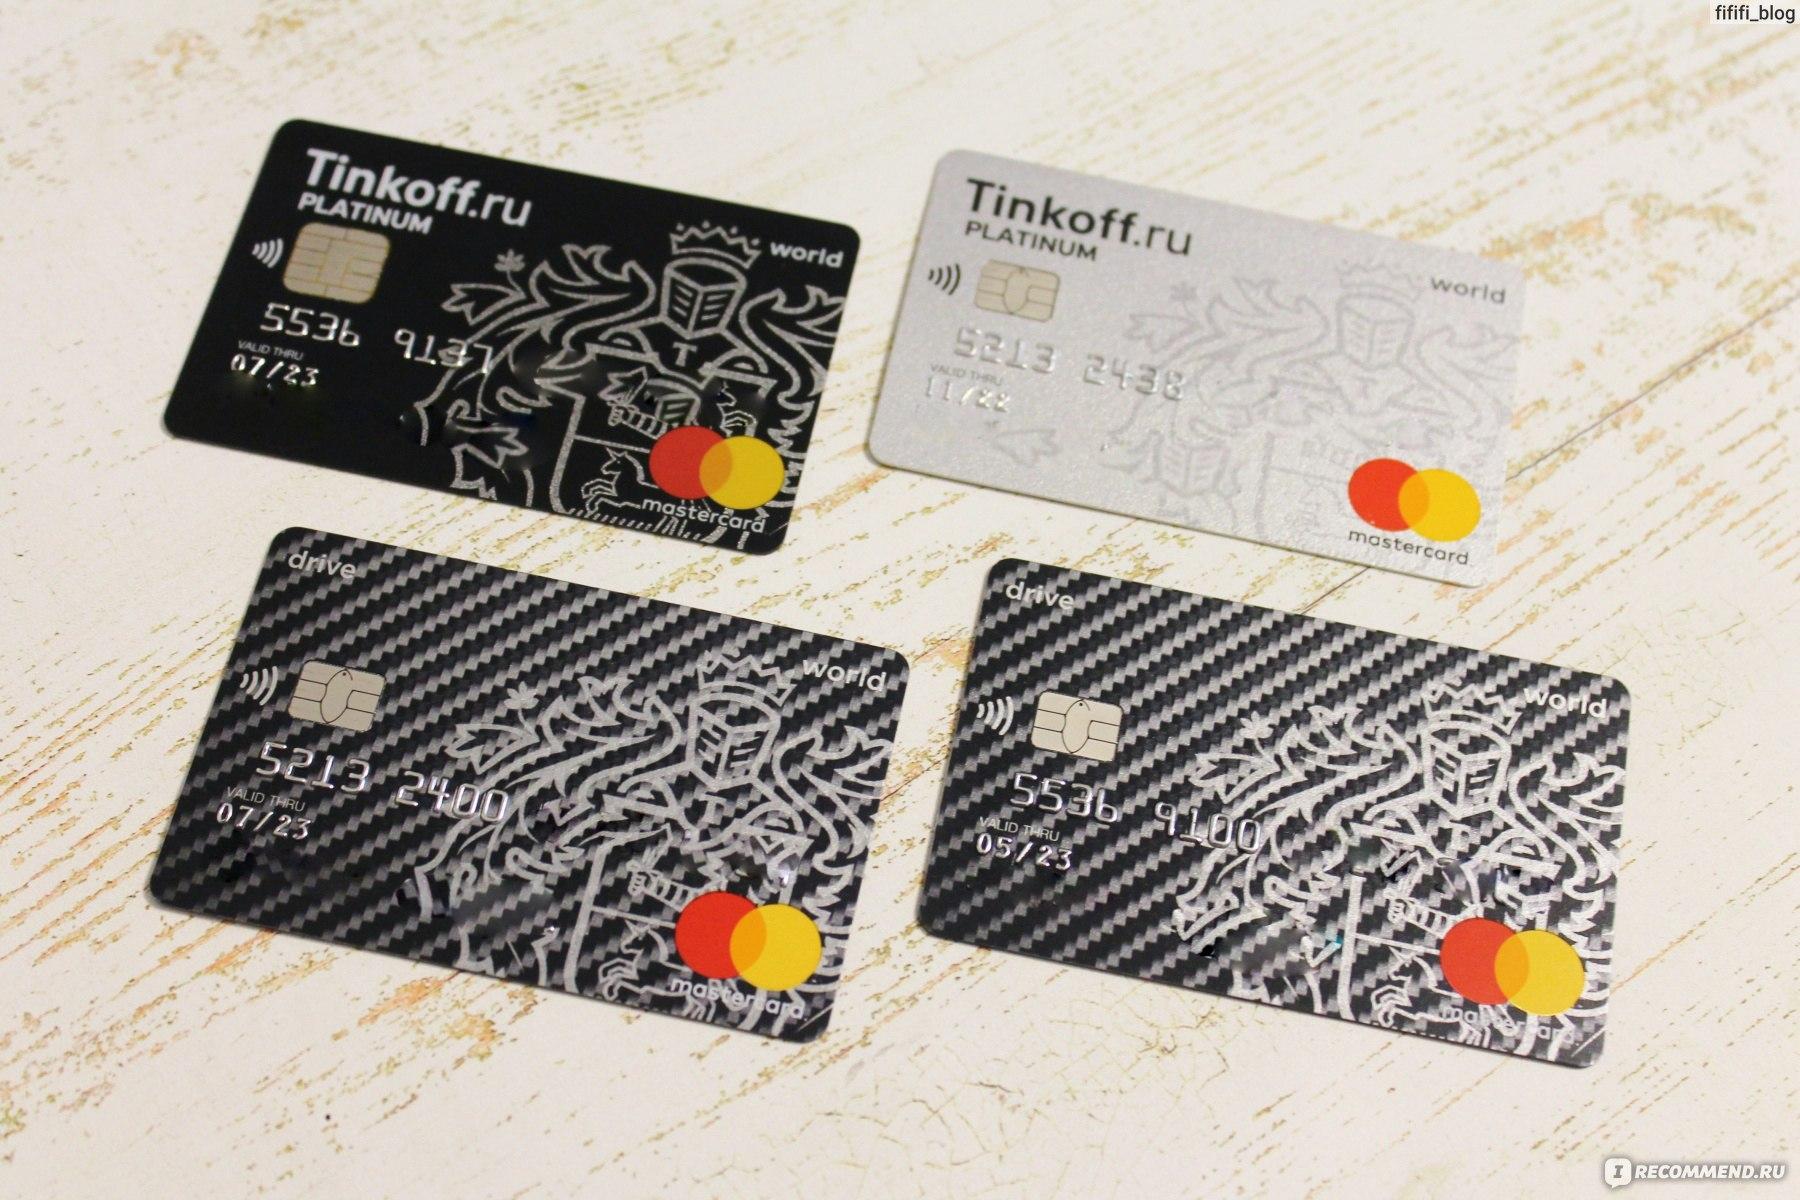 кредитная карта тинькофф проценты по кредиту